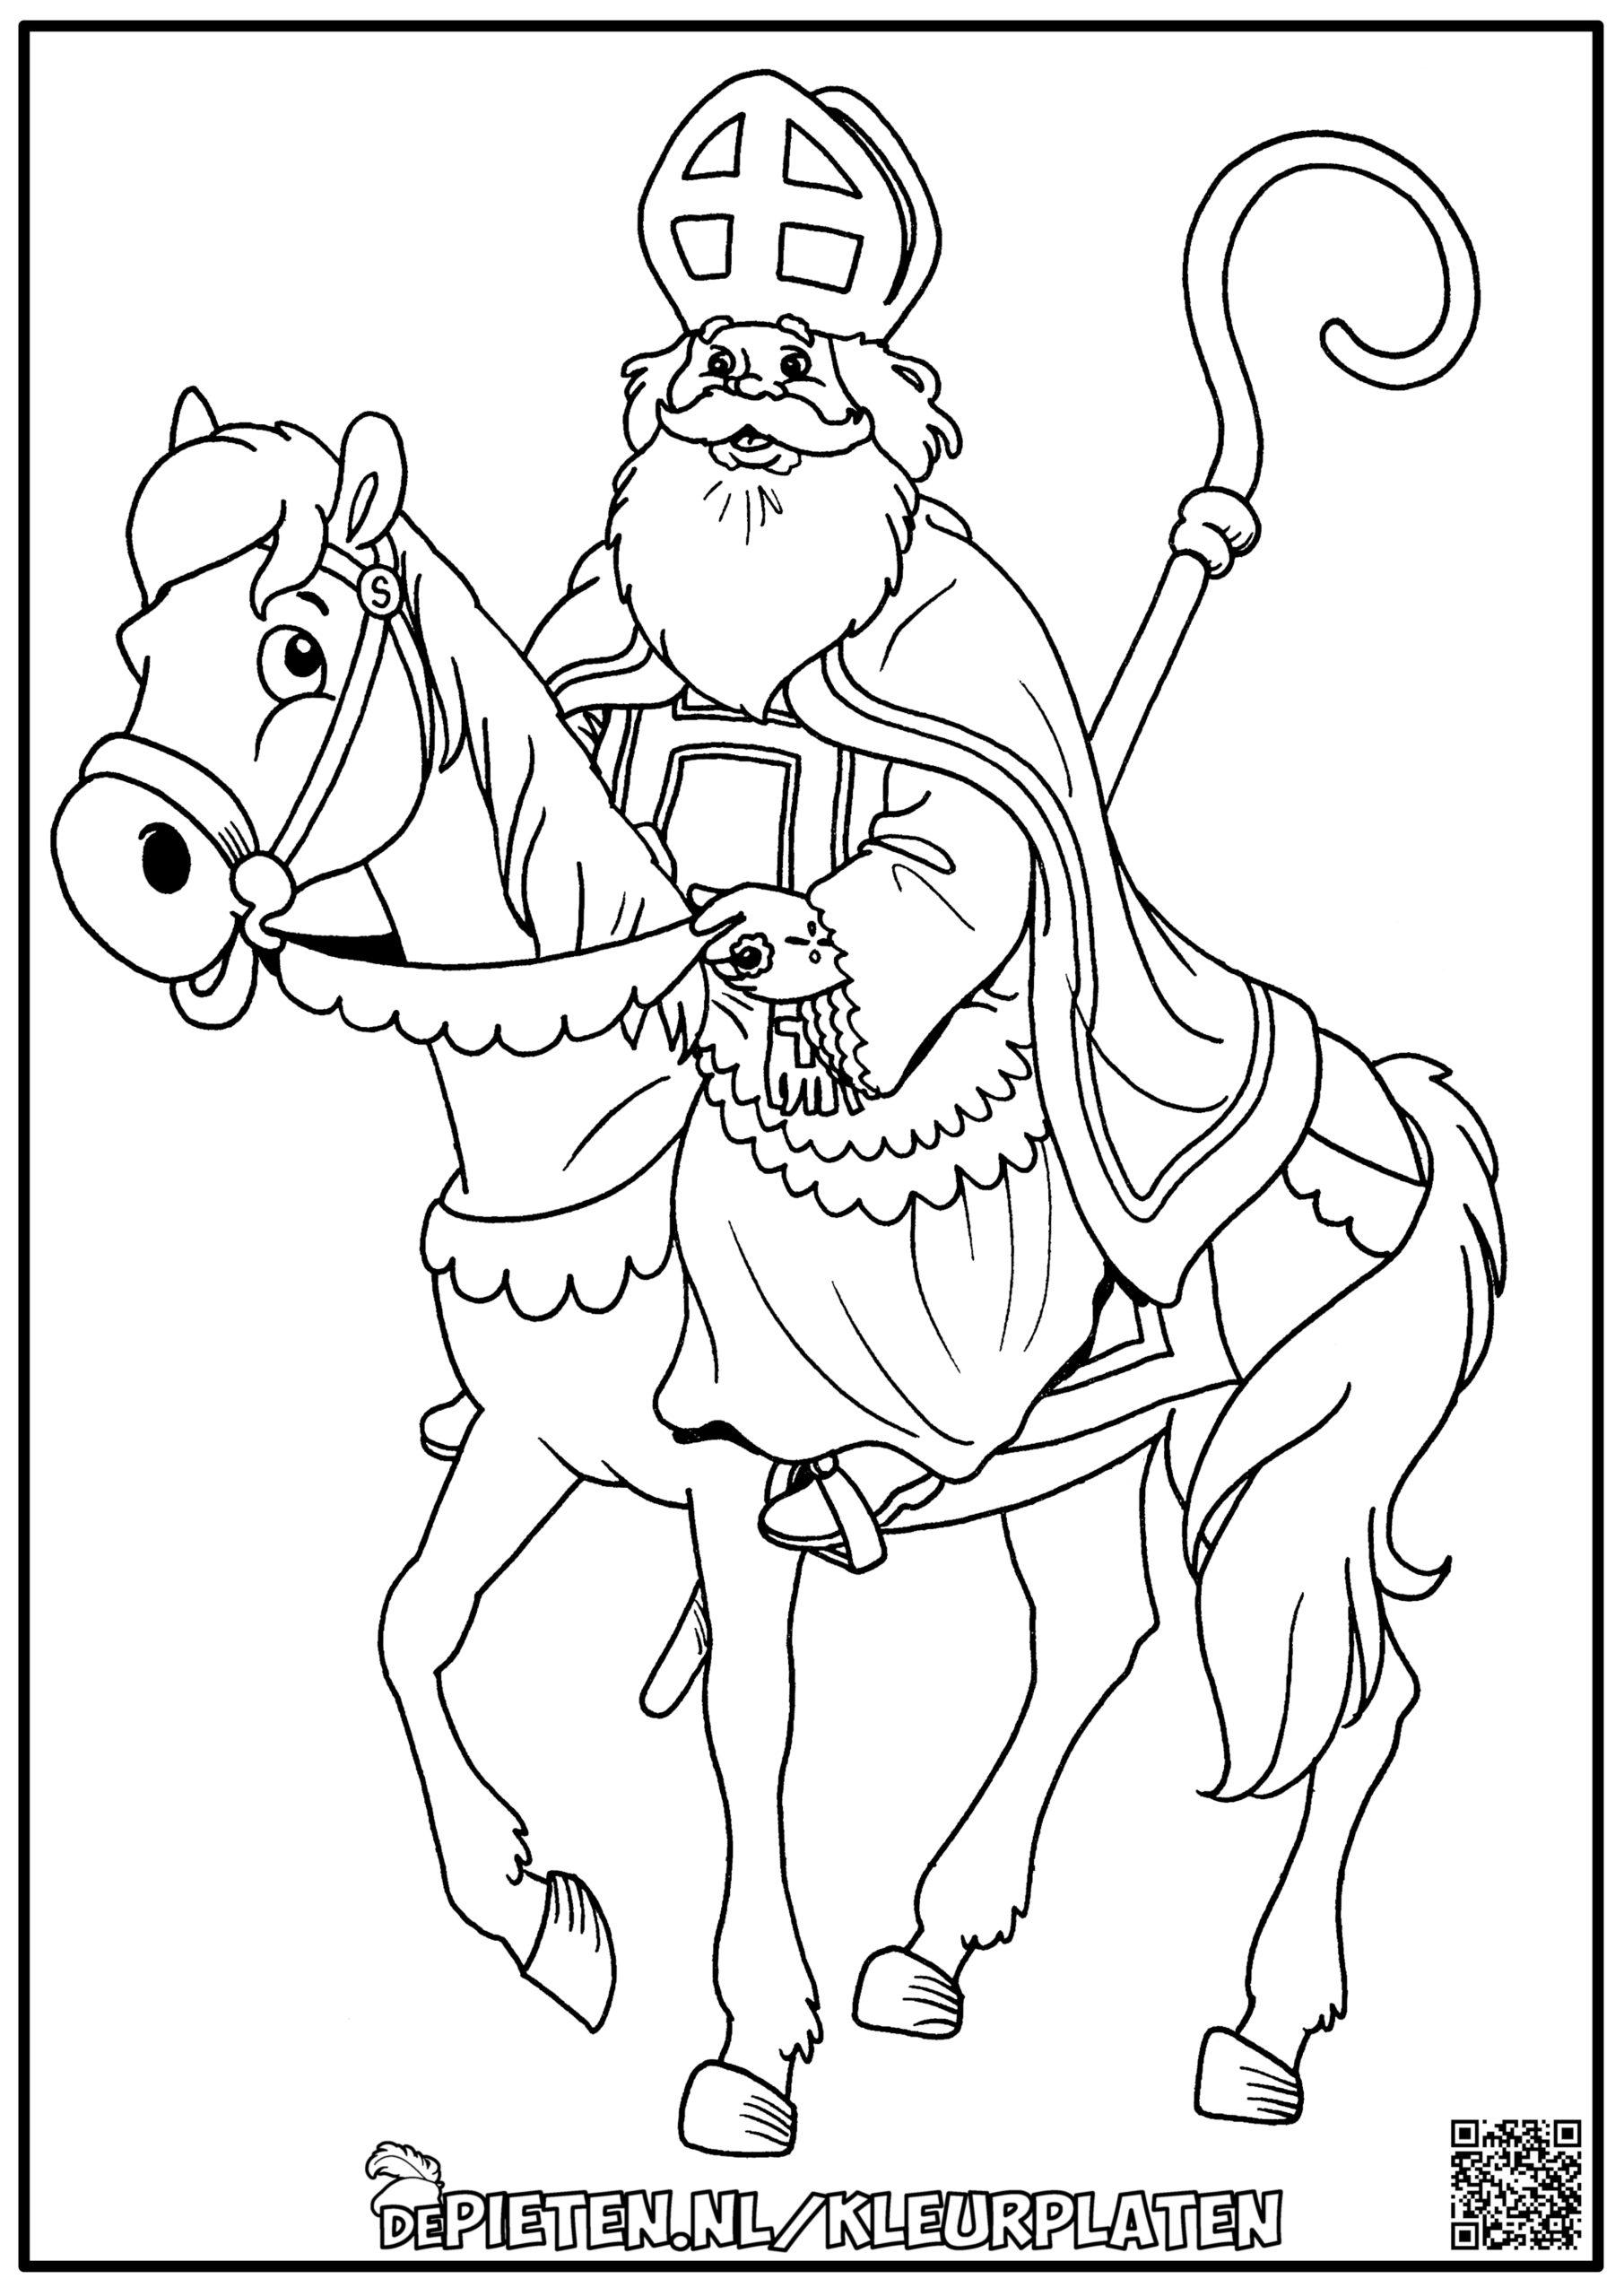 depieten.nl-Kleurplaten-kleuren-Sinterklaas-op-groot-paard-Sint-paard-Amerigo-kinderen-spelen-cadeautjes-snoepjes